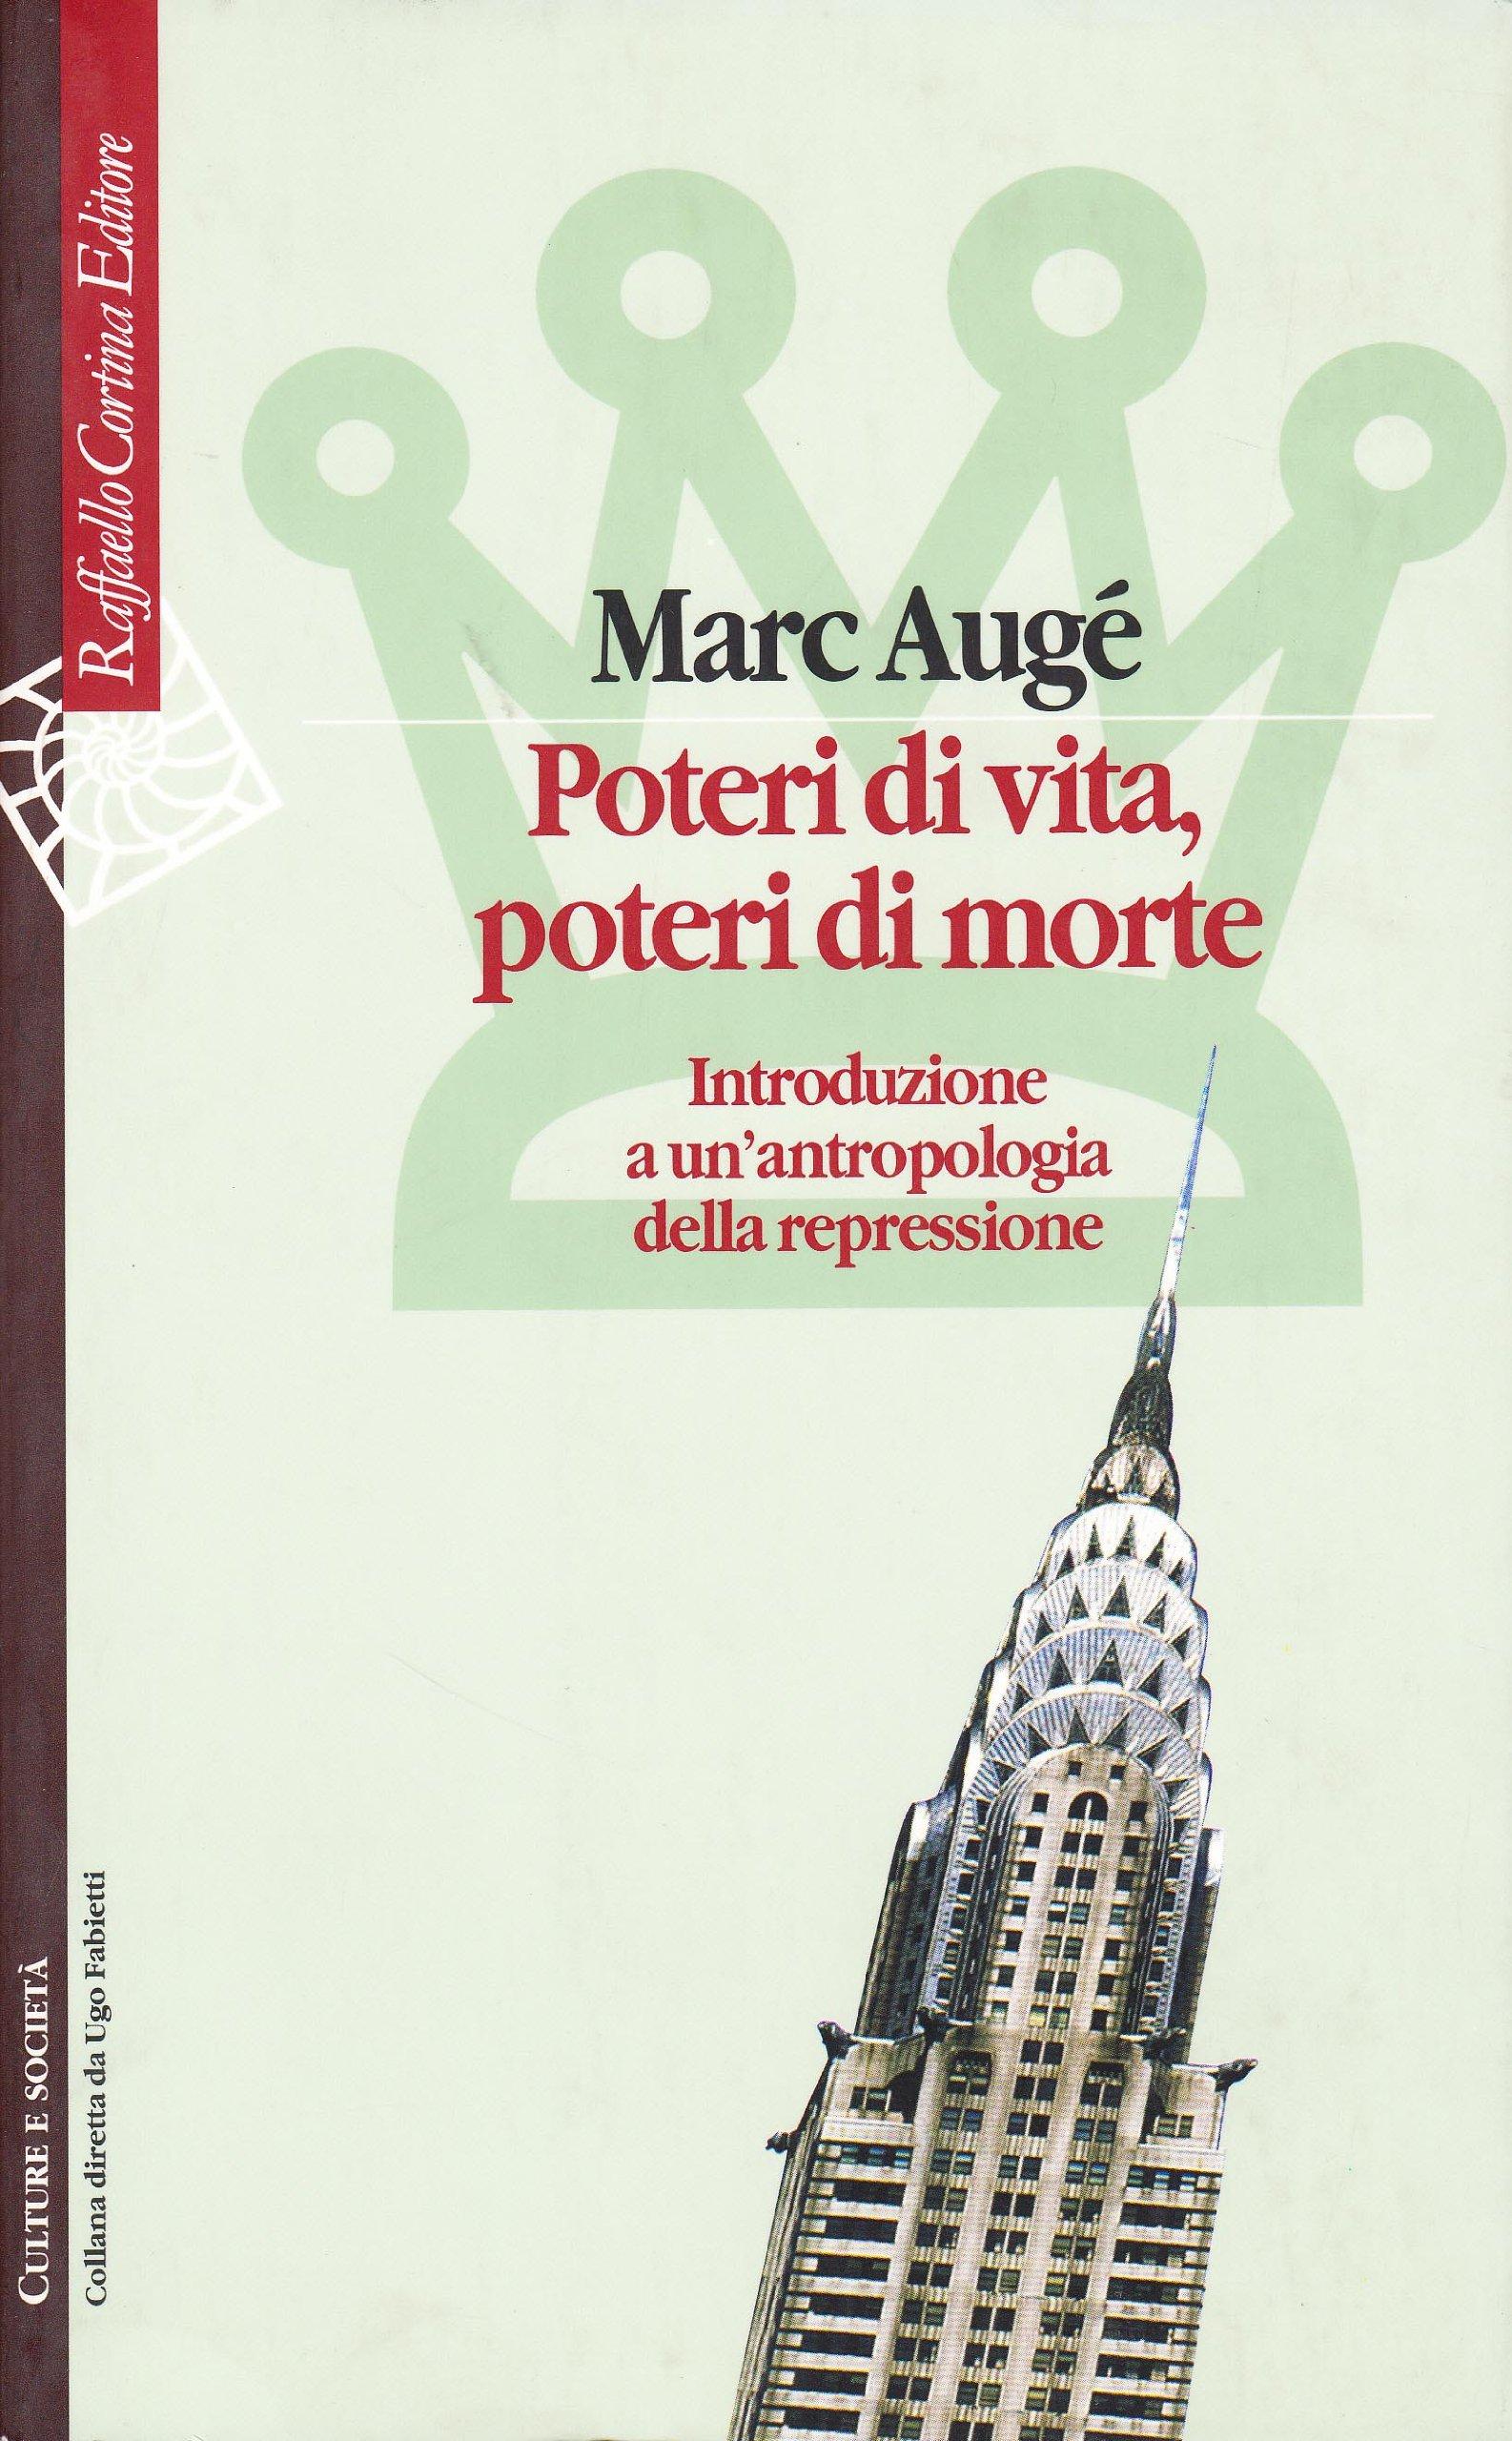 Poteri di vita, poteri di morte. Introduzione a un'antropologia della repressione Copertina flessibile – 1 ago 2003 Marc Augé A. D' Orsi Cortina Raffaello 8870788520